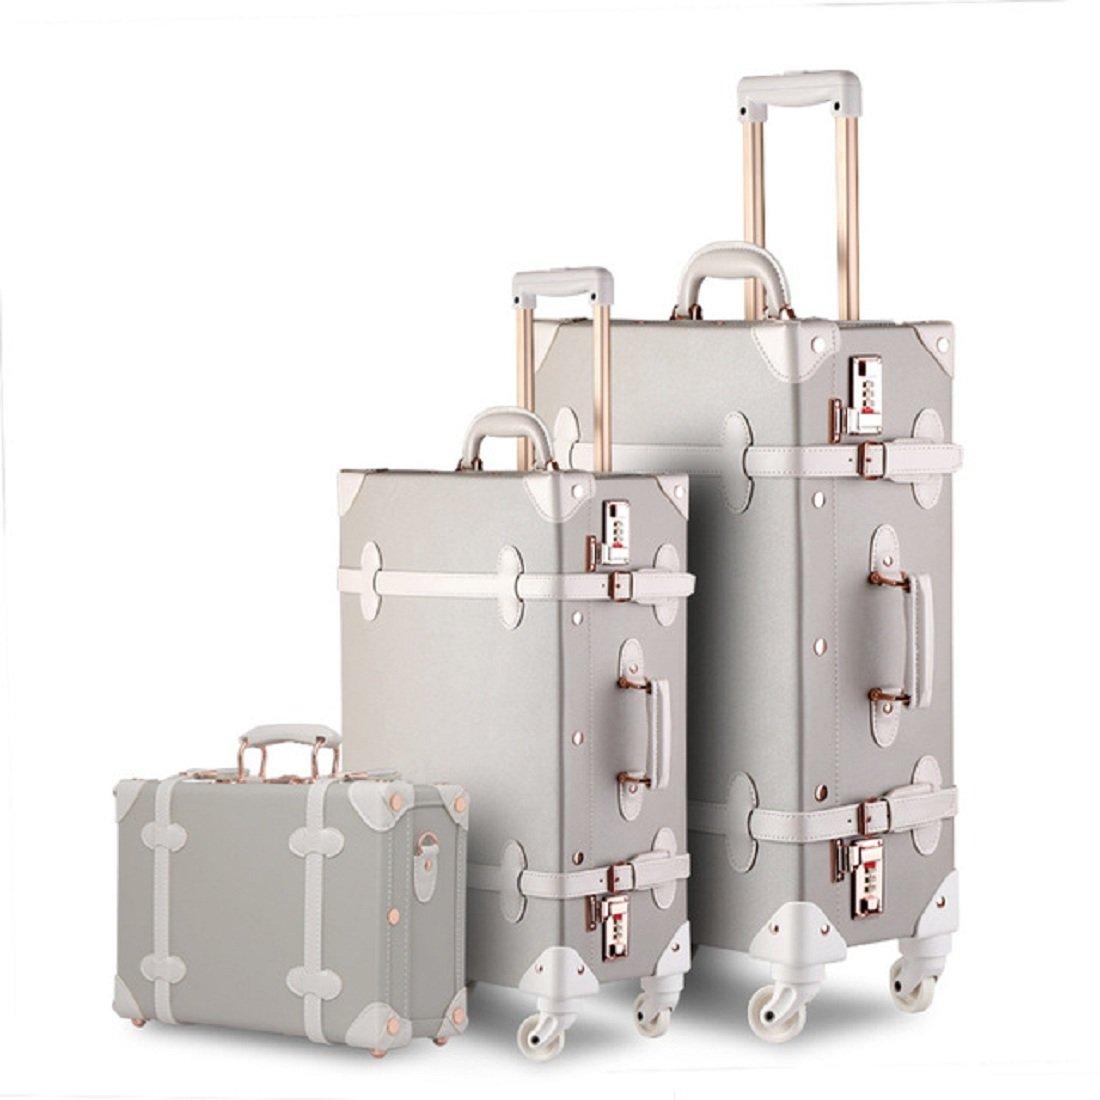 d33d93bd747b Details about UNIWALKER Vintage Suitcase 3 Piece Luggage Set (Grey with  white)